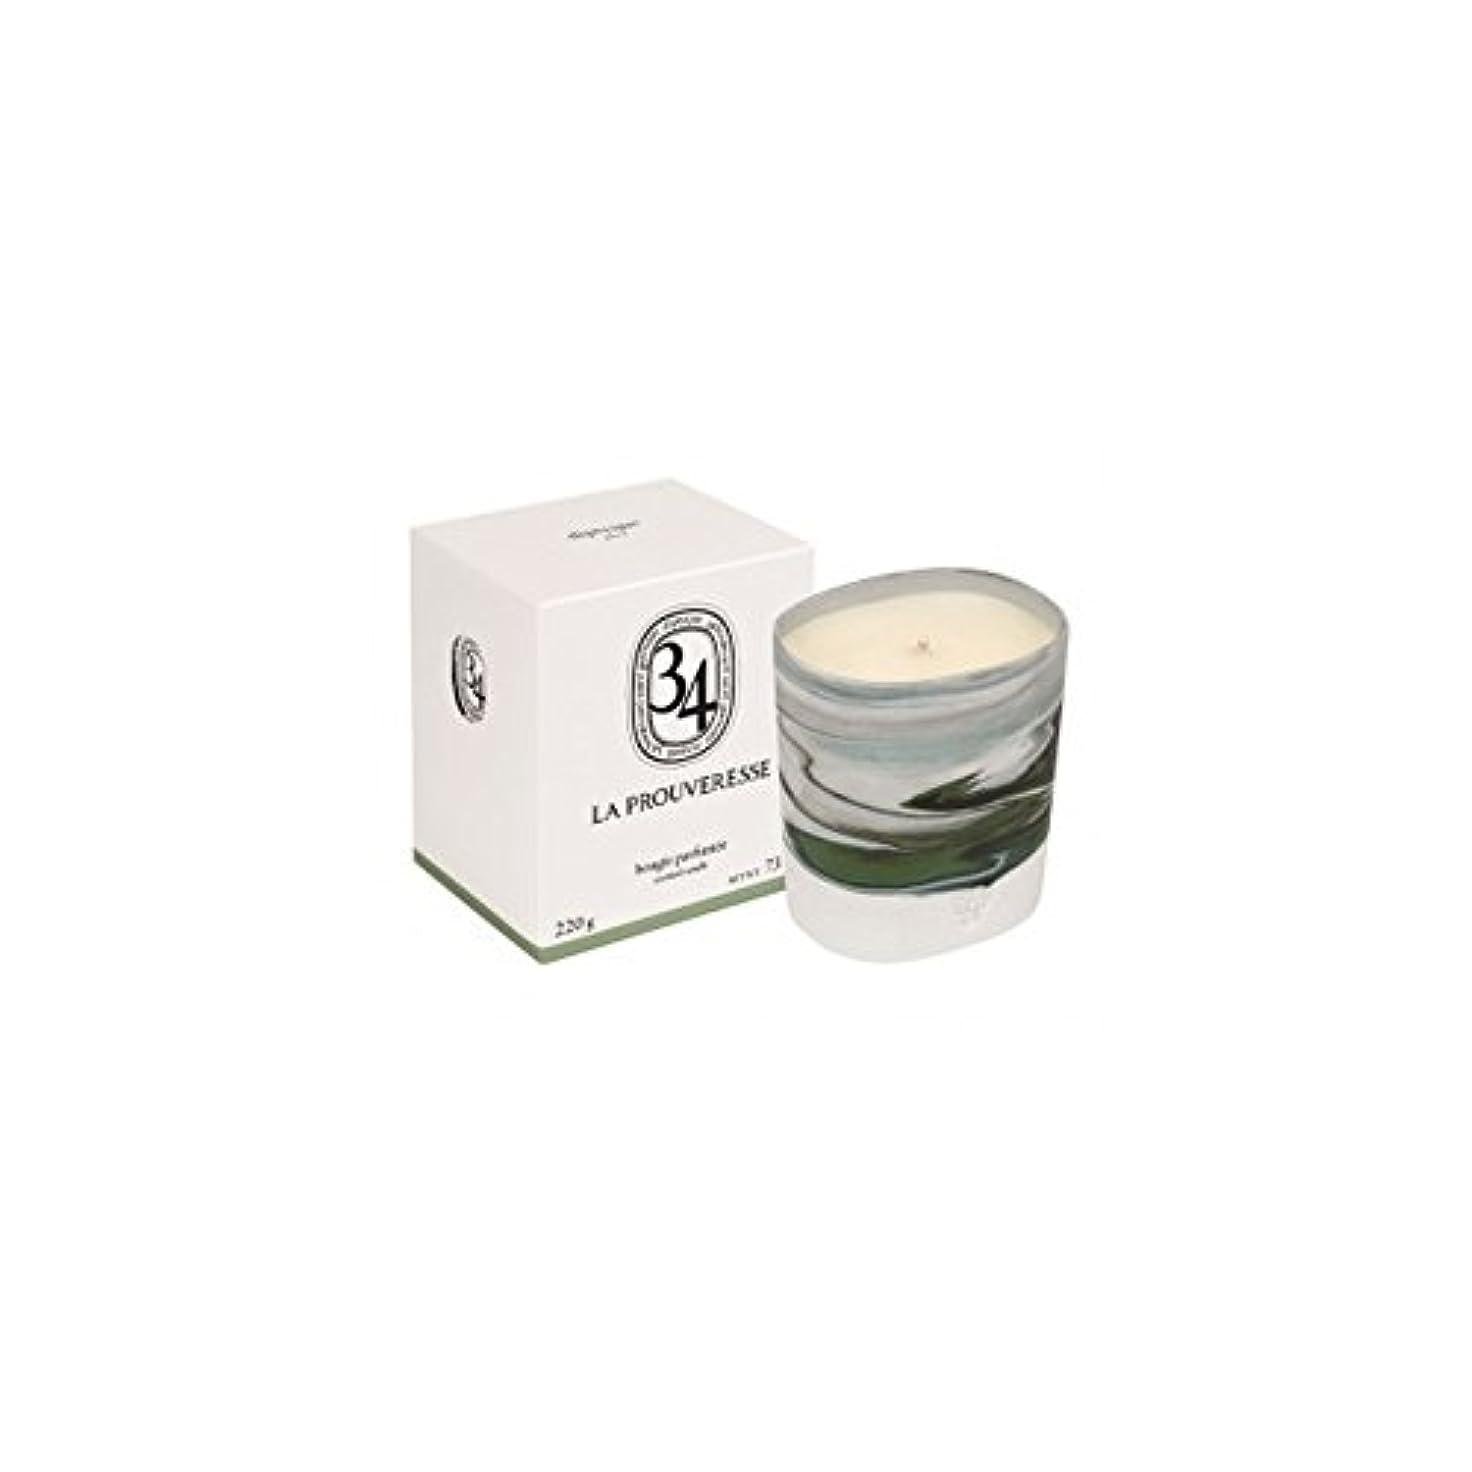 日没三角シュートDiptyque Collection 34 La Prouveresse Scented Candle 220g (Pack of 2) - ラProuveresse Diptyqueコレクション34香りのキャンドル220...